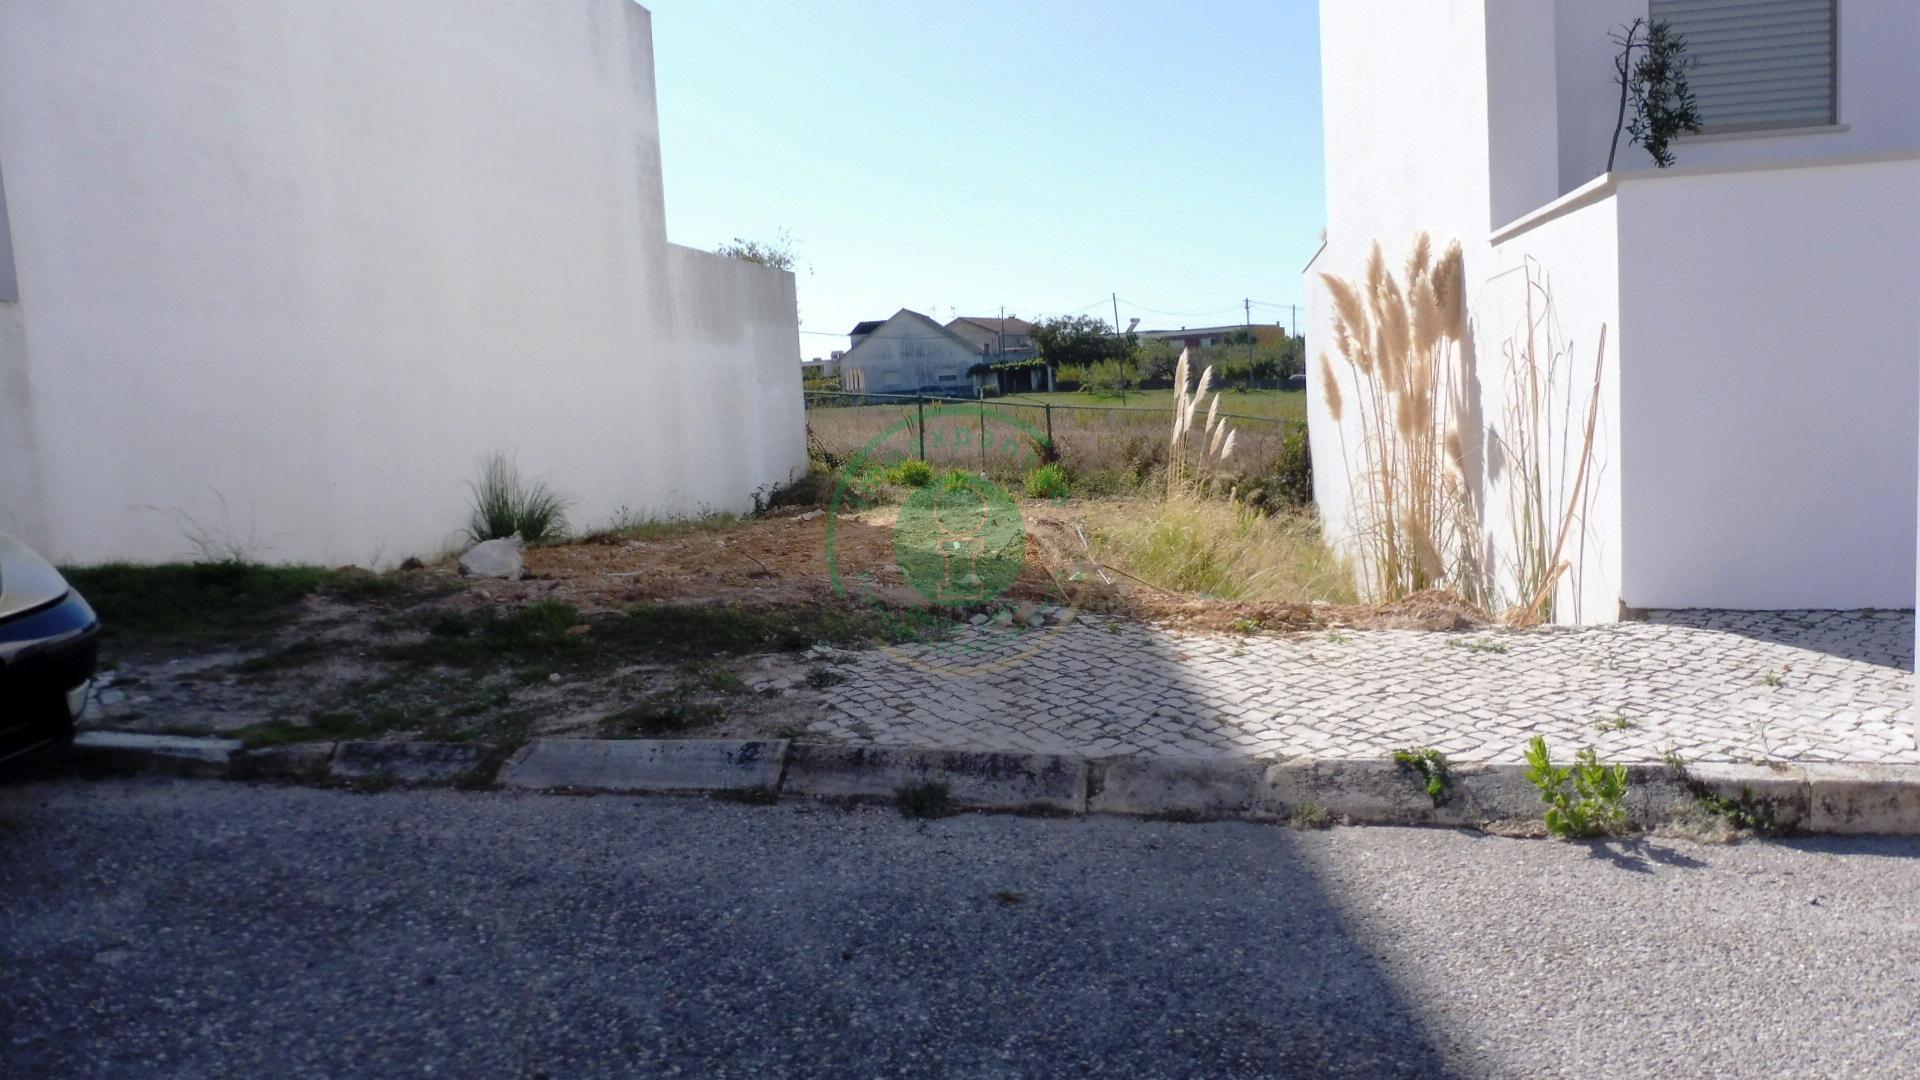 Terreno Figueira da Foz, Foz Plaza  - Figueira Da Foz, Buarcos E São Julião